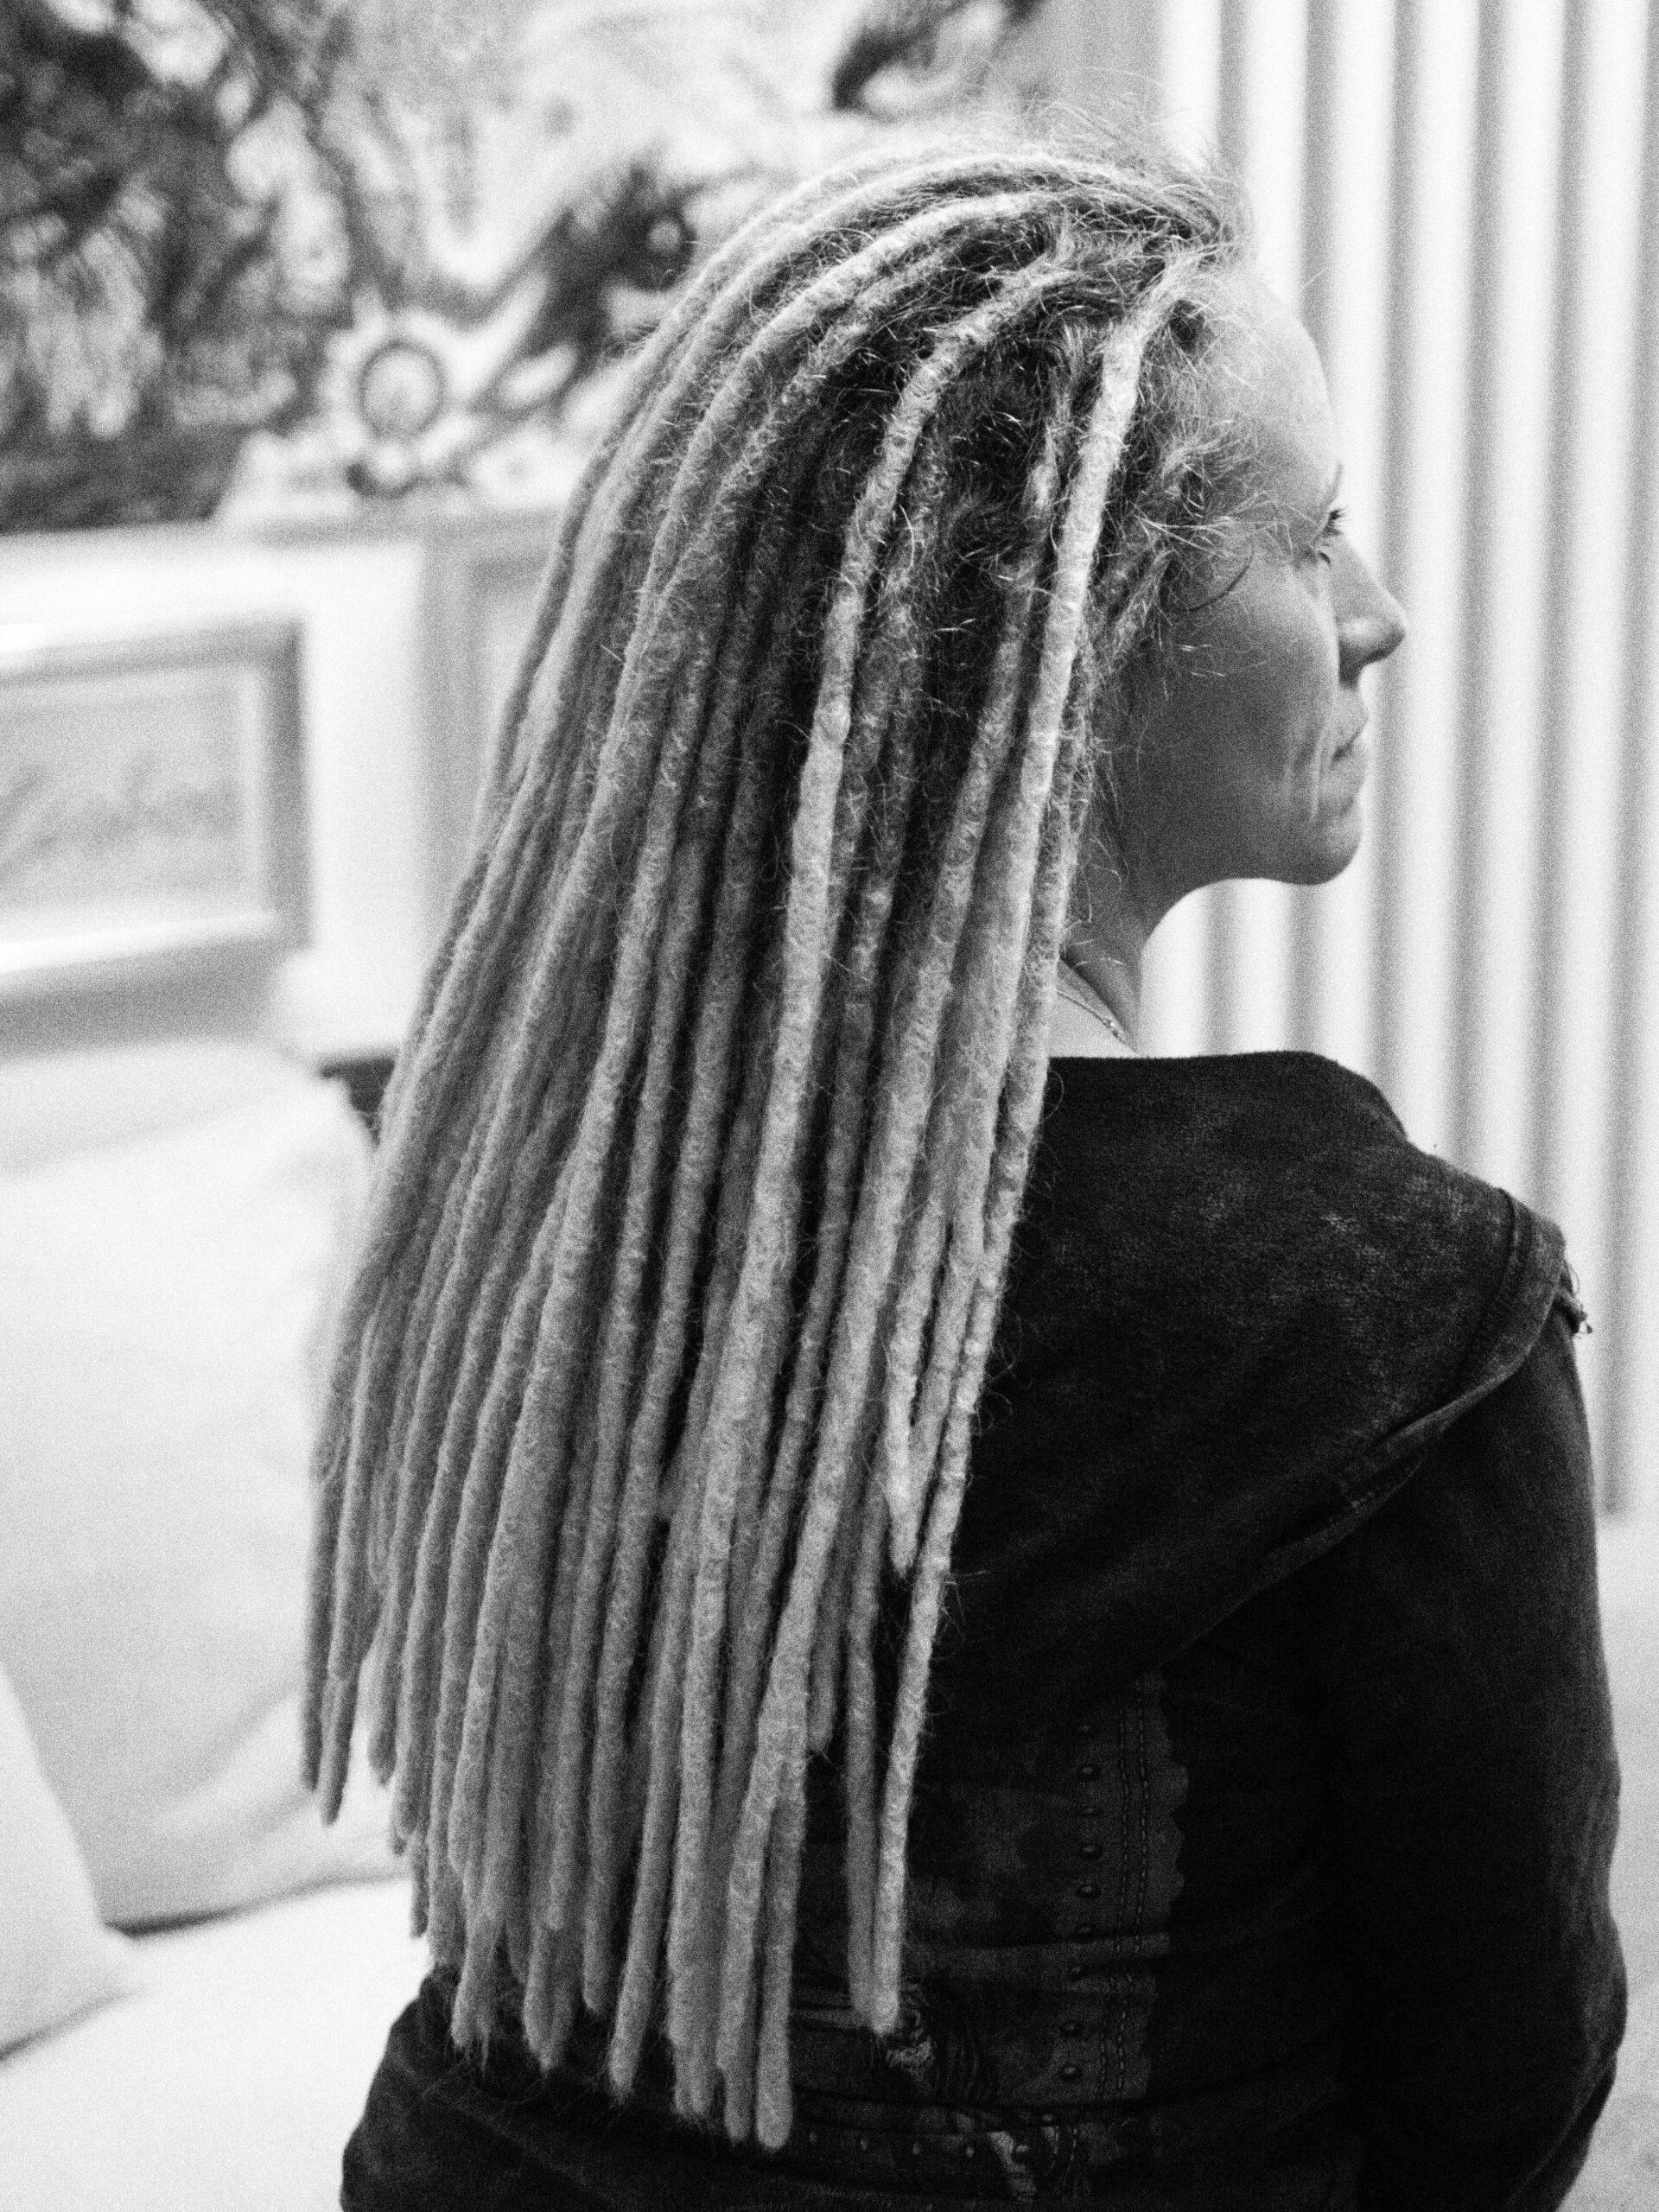 lady with dreads, dreadlocks, dreadlocks in Stuttgart machen, making locs in stuttgart, dreadlocks in bw, dreadlockpflege in stuttgart,